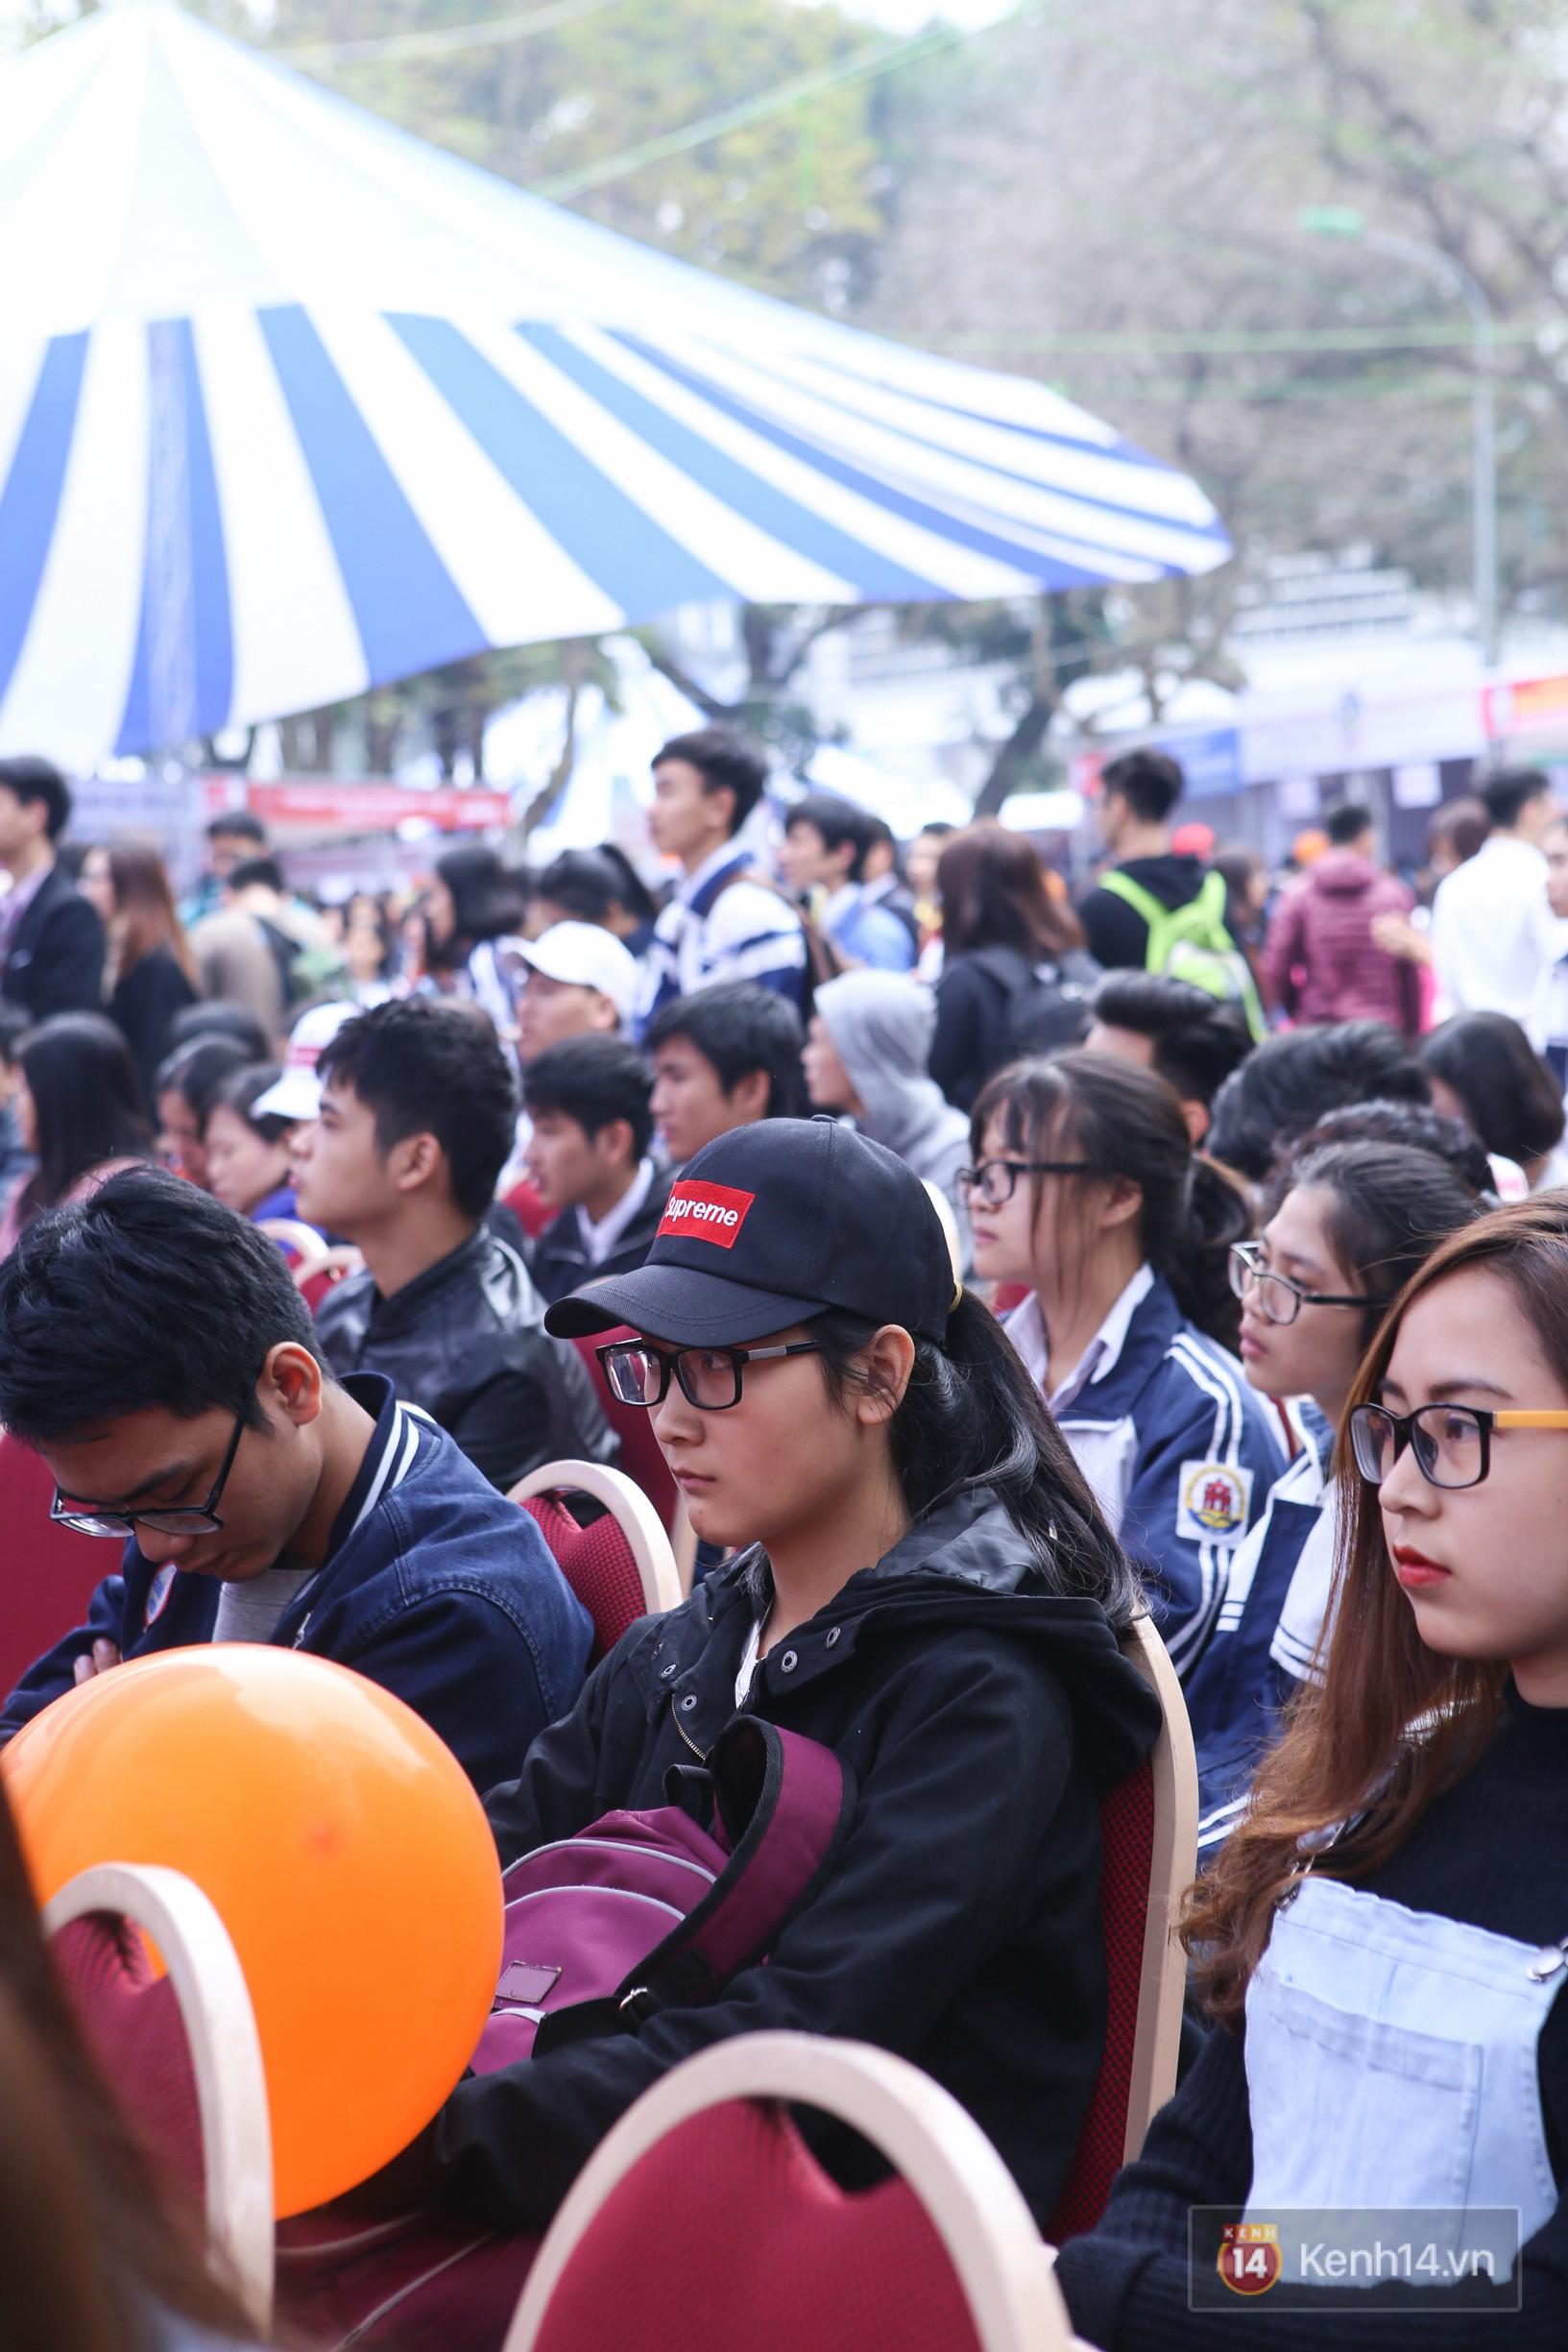 Hơn 10.000 học sinh được tư vấn, giải đáp thắc mắc các vấn đề hot nhất của kỳ thi THPT quốc gia 2018 - Ảnh 11.